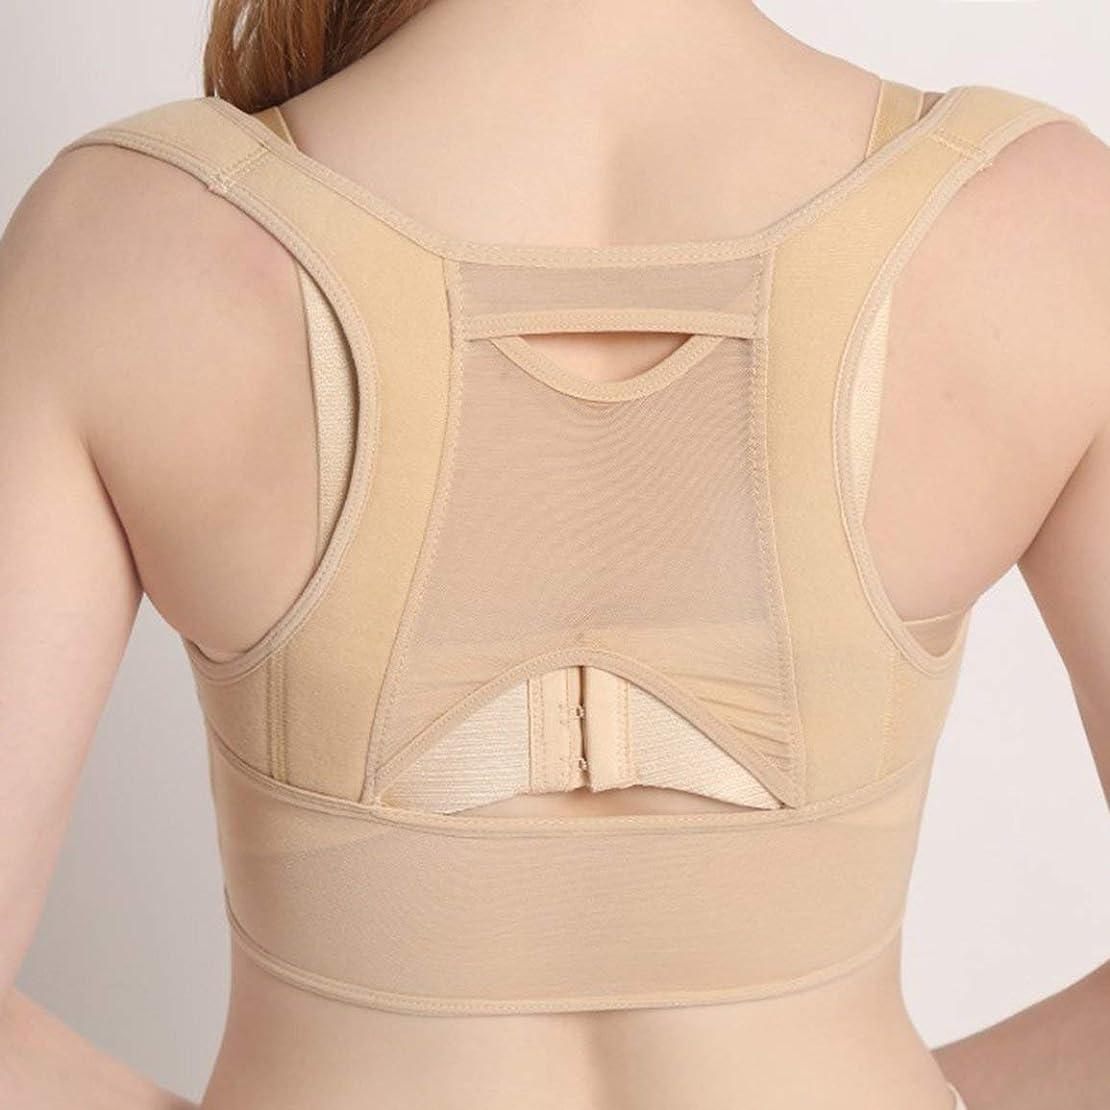 住所検出器結婚式通気性のある女性バック姿勢矯正コルセット整形外科用アッパーバックショルダー脊椎姿勢矯正腰椎サポート - ベージュホワイト